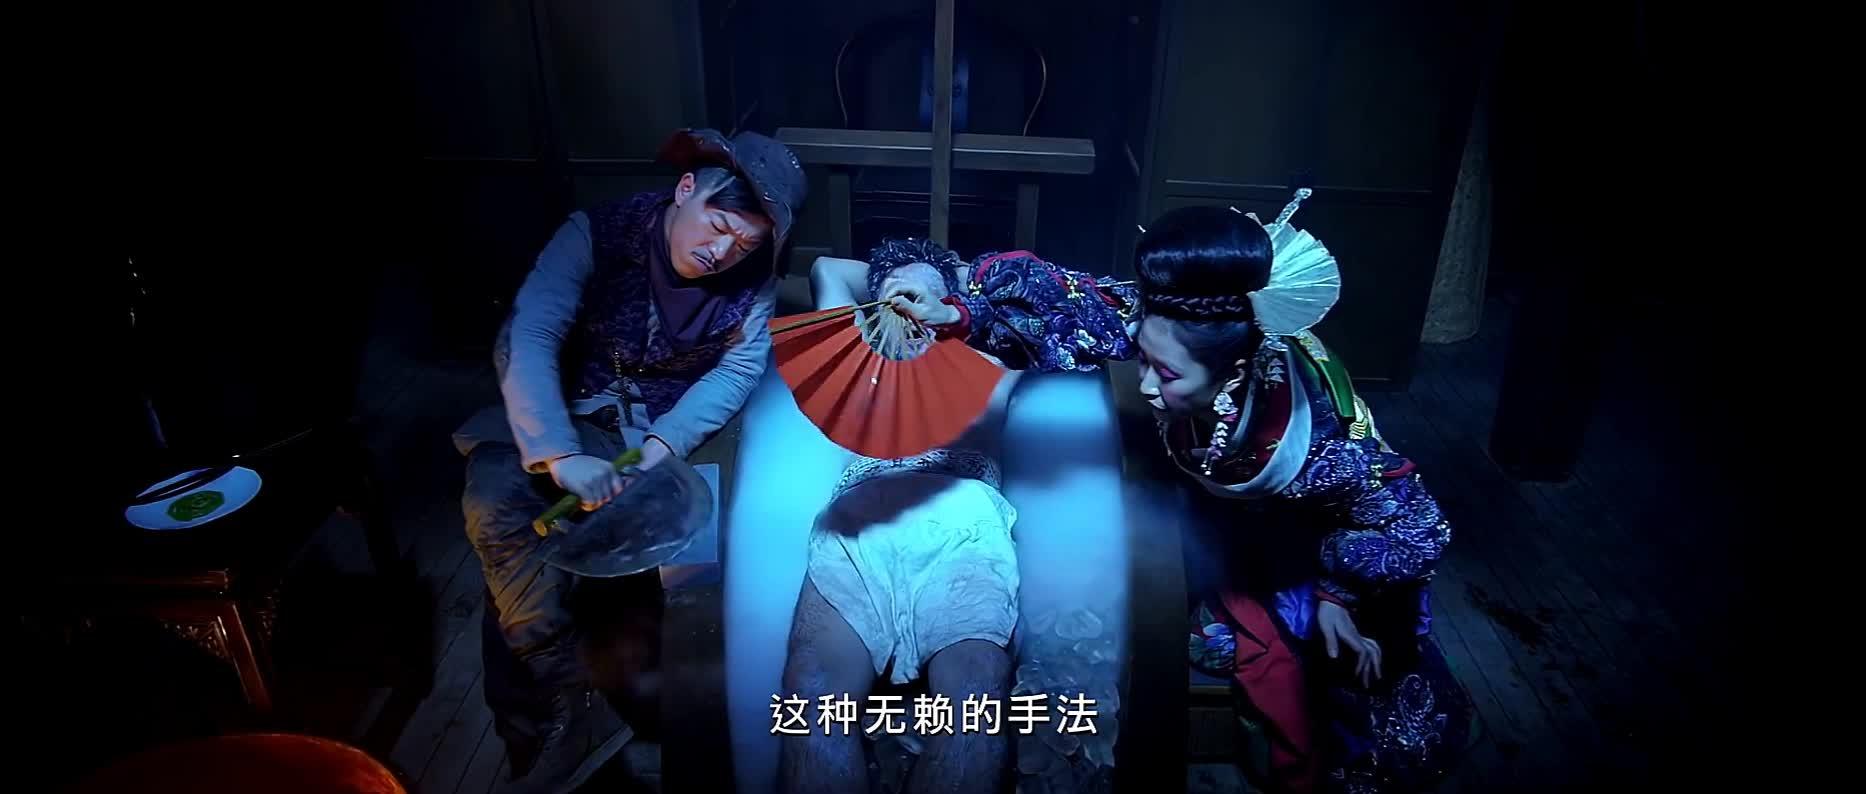 #经典看电影#逼供日本人,这酷刑上的太搞笑啦。